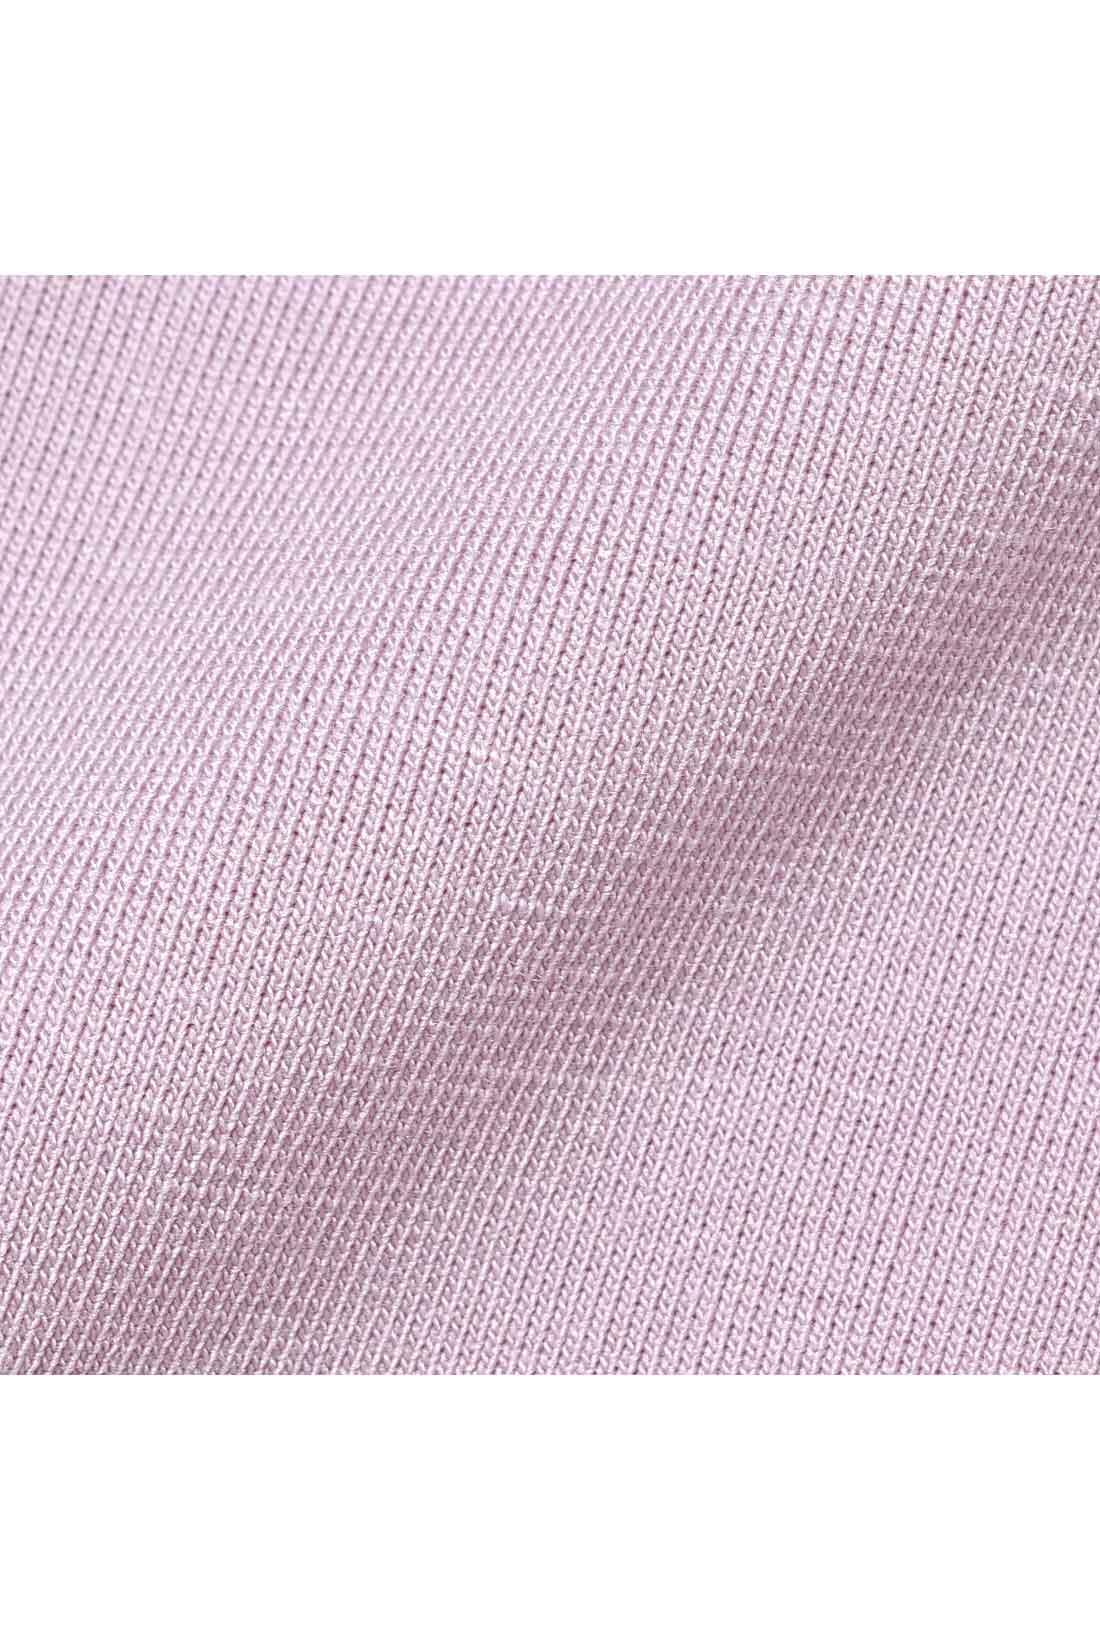 身生地は吸汗速乾性のある薄手の綿混素材で快適。